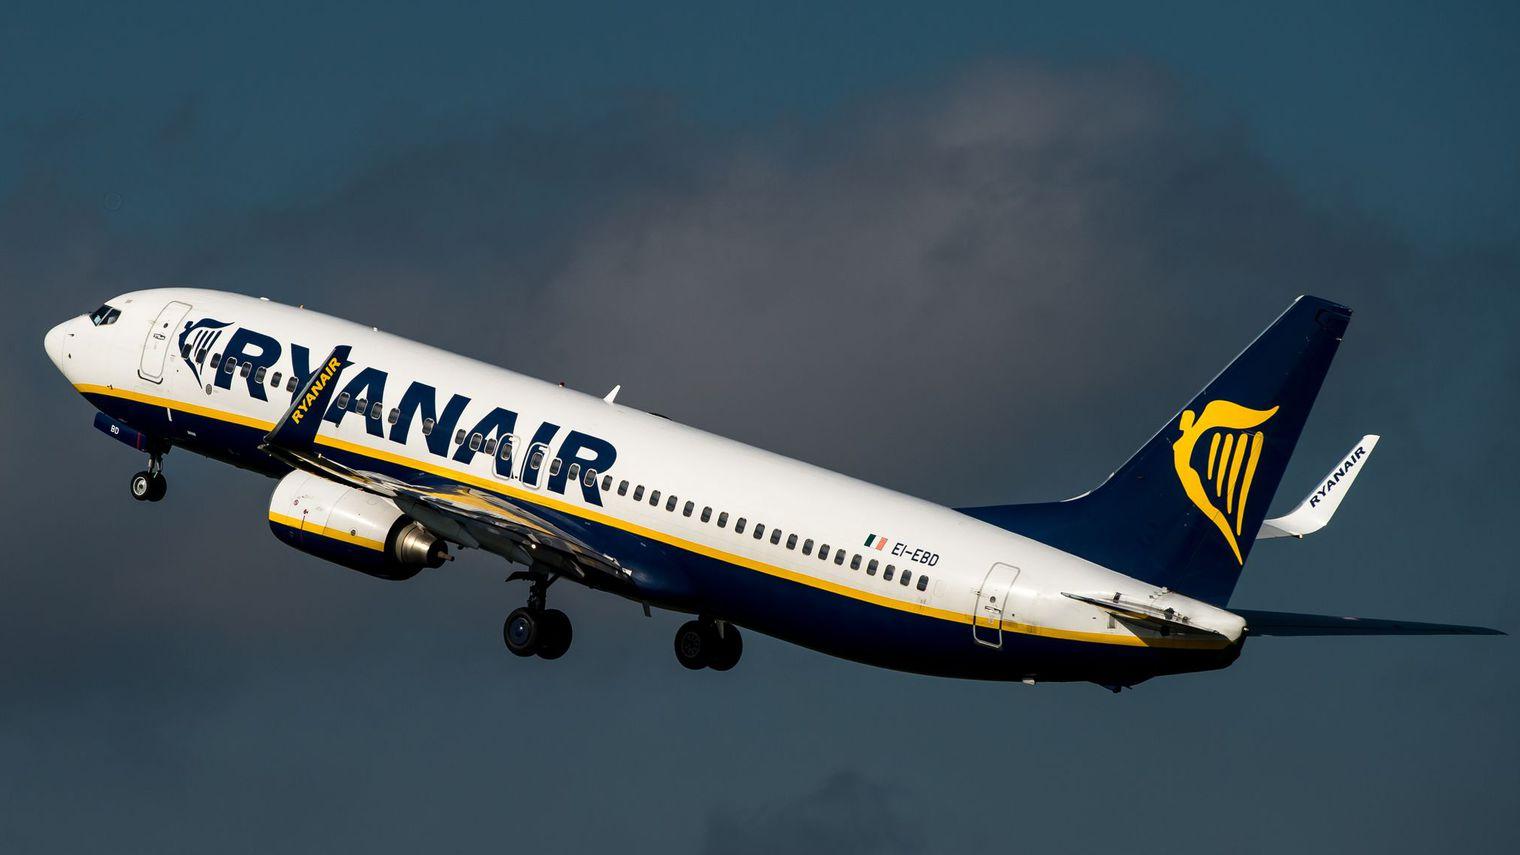 la-compagnie-aerienne-irlandaise-ryanair-a-l-intention-de-distribuer-a-ses-actionnaires-le-produit-de-la-vente-de-ses-parts-dans-aer-lingus-soit-398-millions-d-euros_5422659